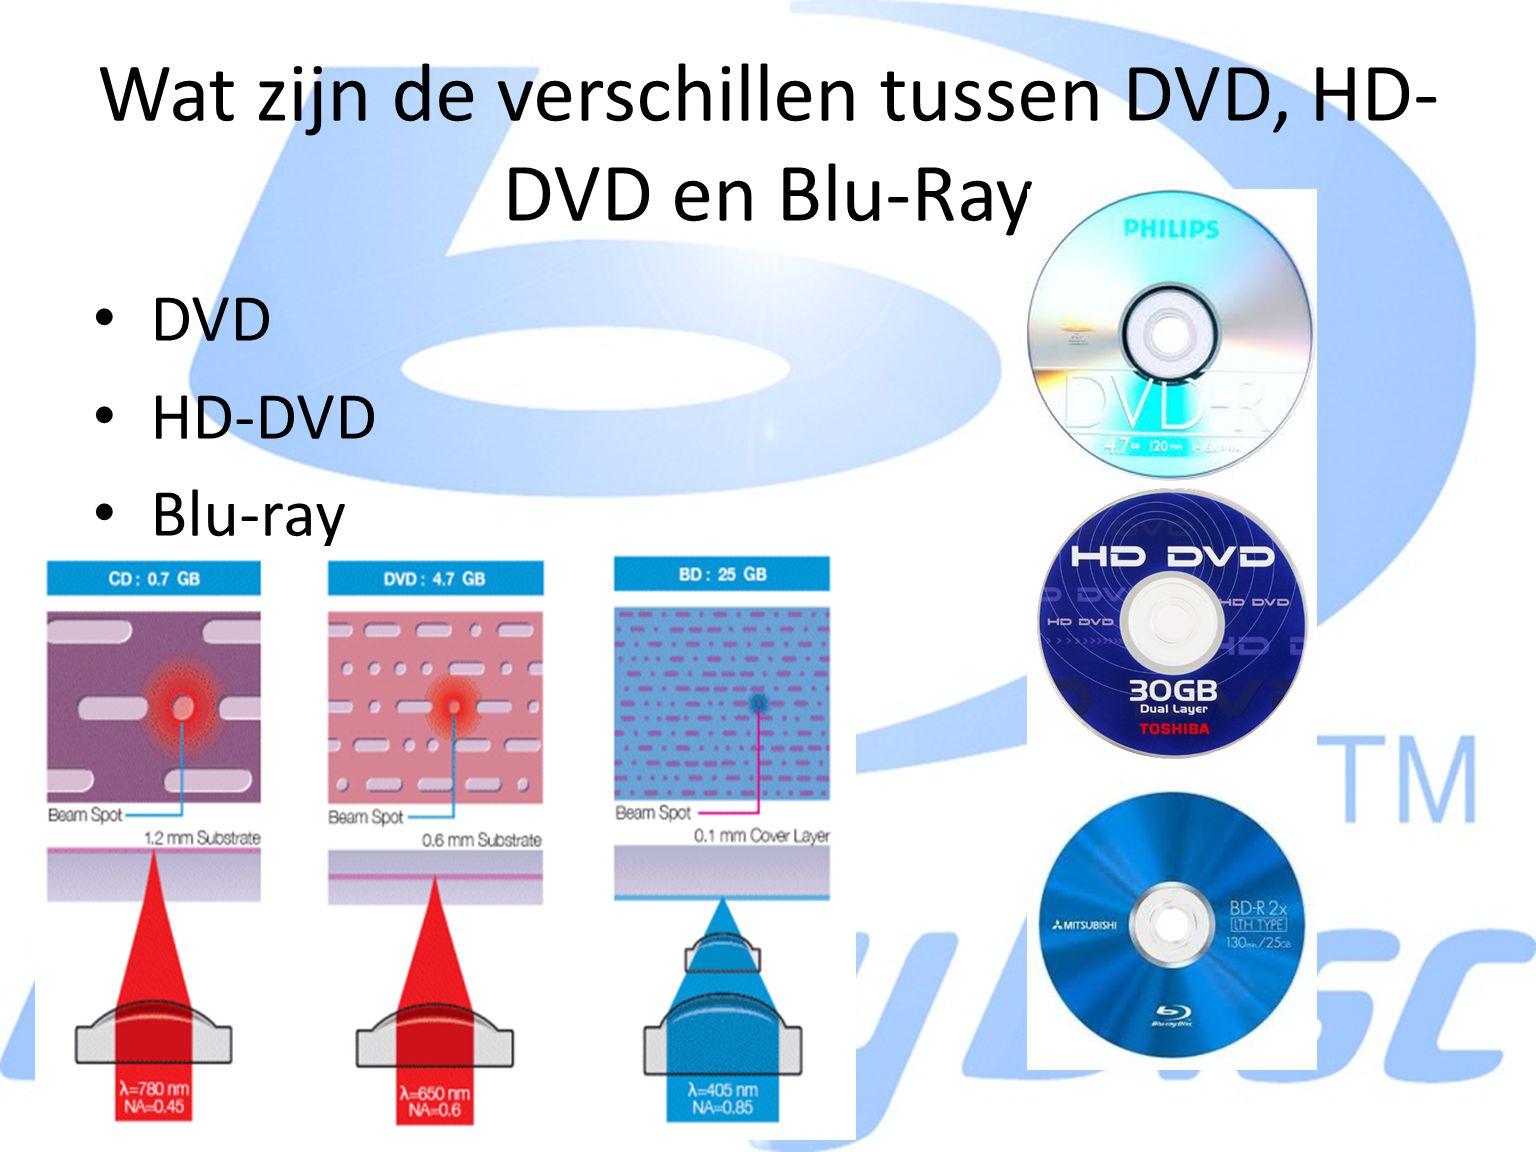 Wat zijn de verschillen tussen DVD, HD-DVD en Blu-Ray